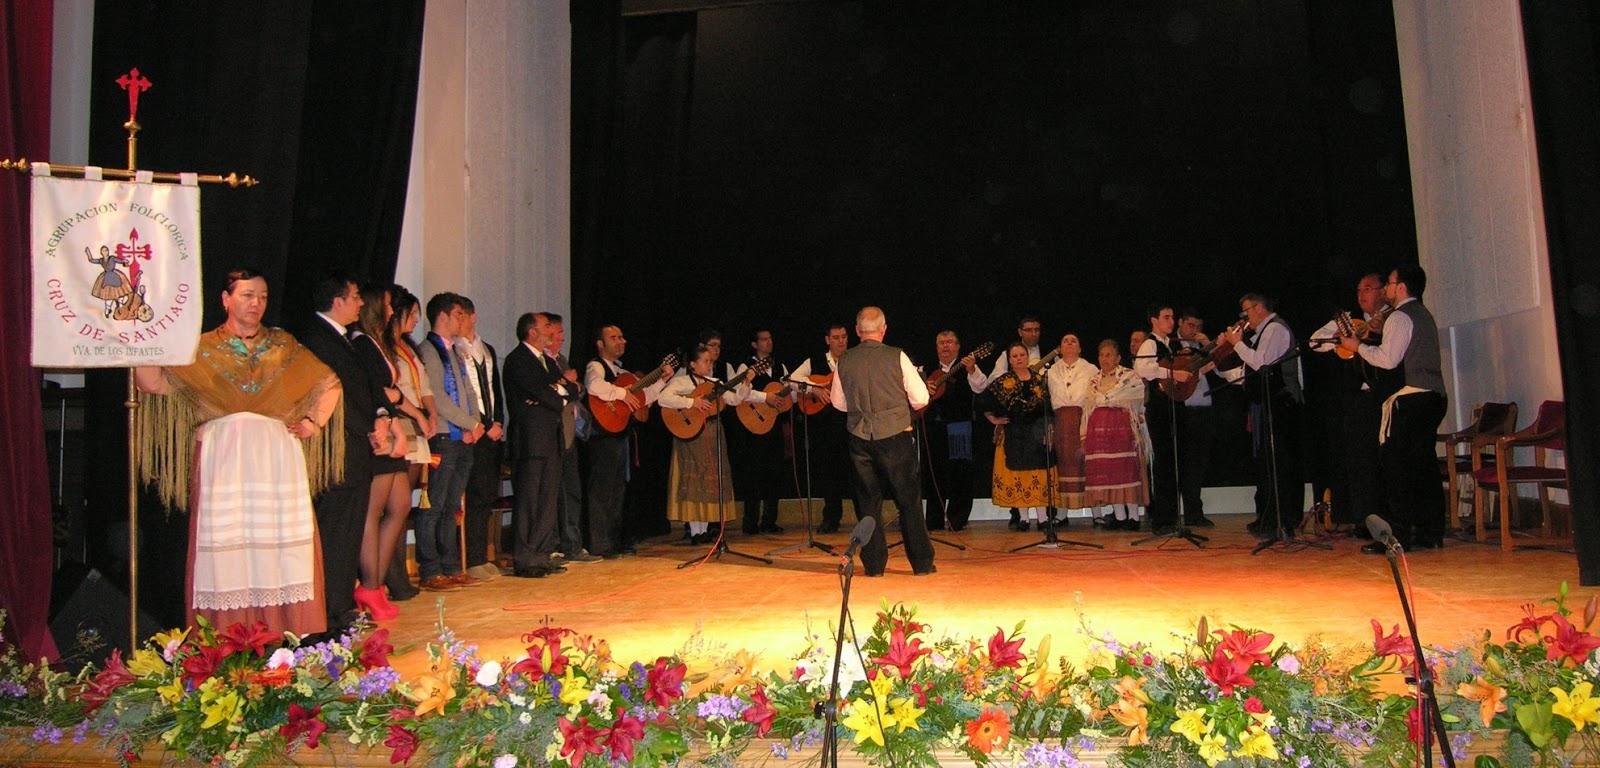 La Asociación Cruz de Santiago canta el mayo. Autor, Excmo. Ayuntamiento de Vva. de los Infantes